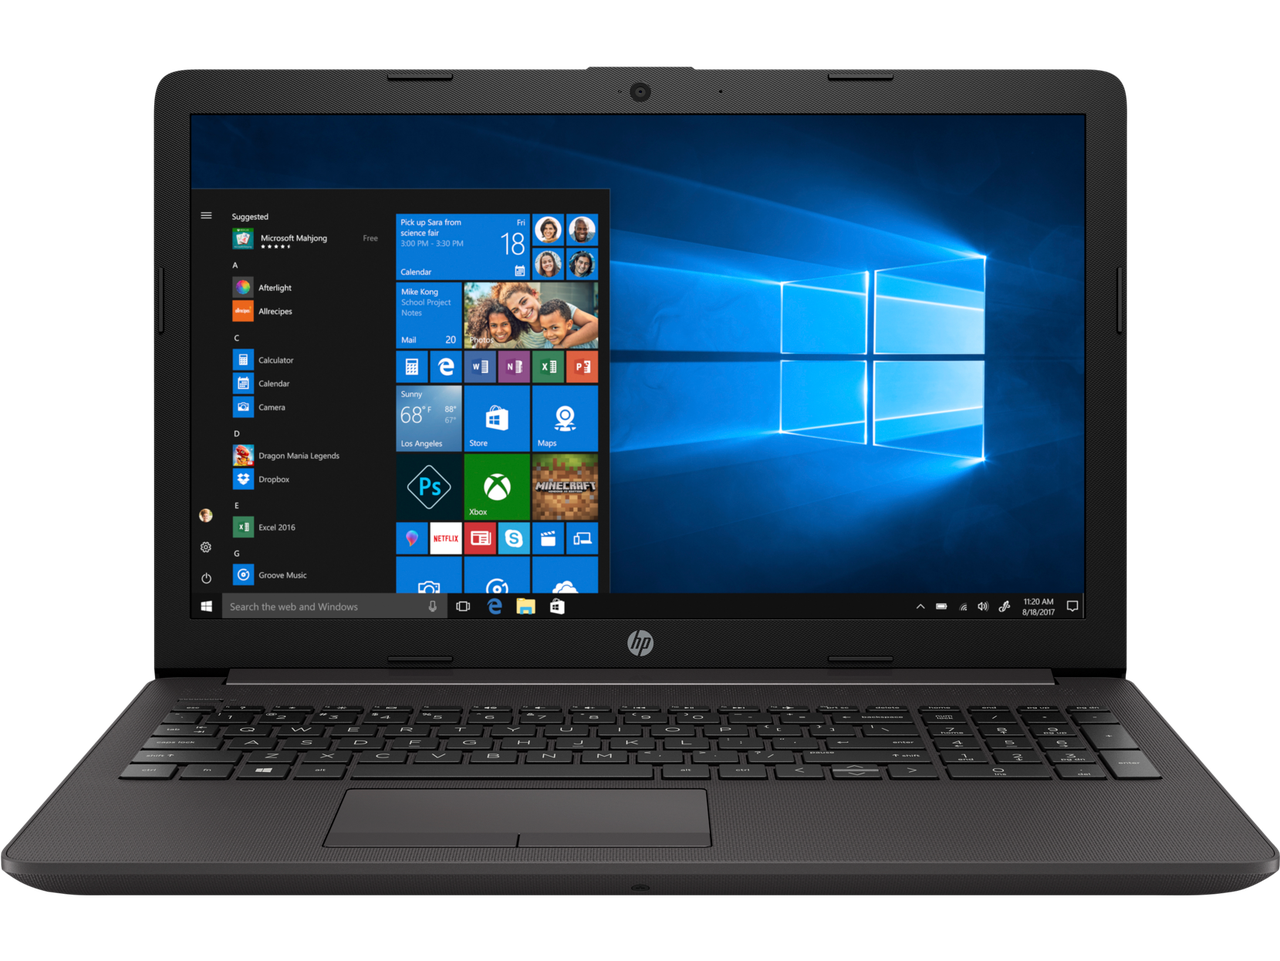 НОУТБУК HP 250 G7 (2M2Y9ES), 15.6 HD, PENTIUM N5030 (4 ЯДРА, 1,10 GHz), RAM 8GB, SSD 256GB, NO OS